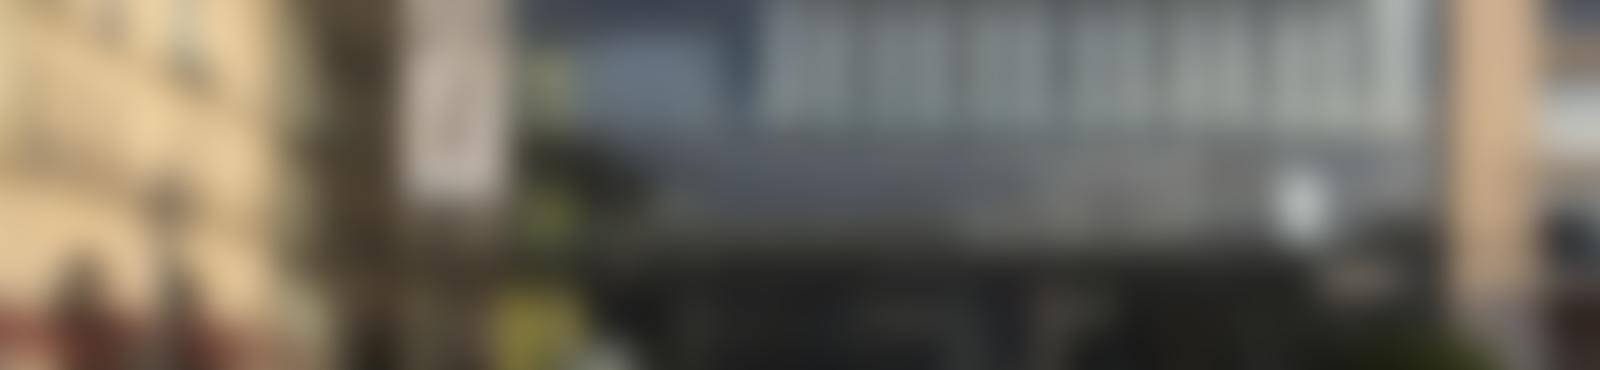 Blurred acab70ce 6eac 46eb a740 604c40464b64